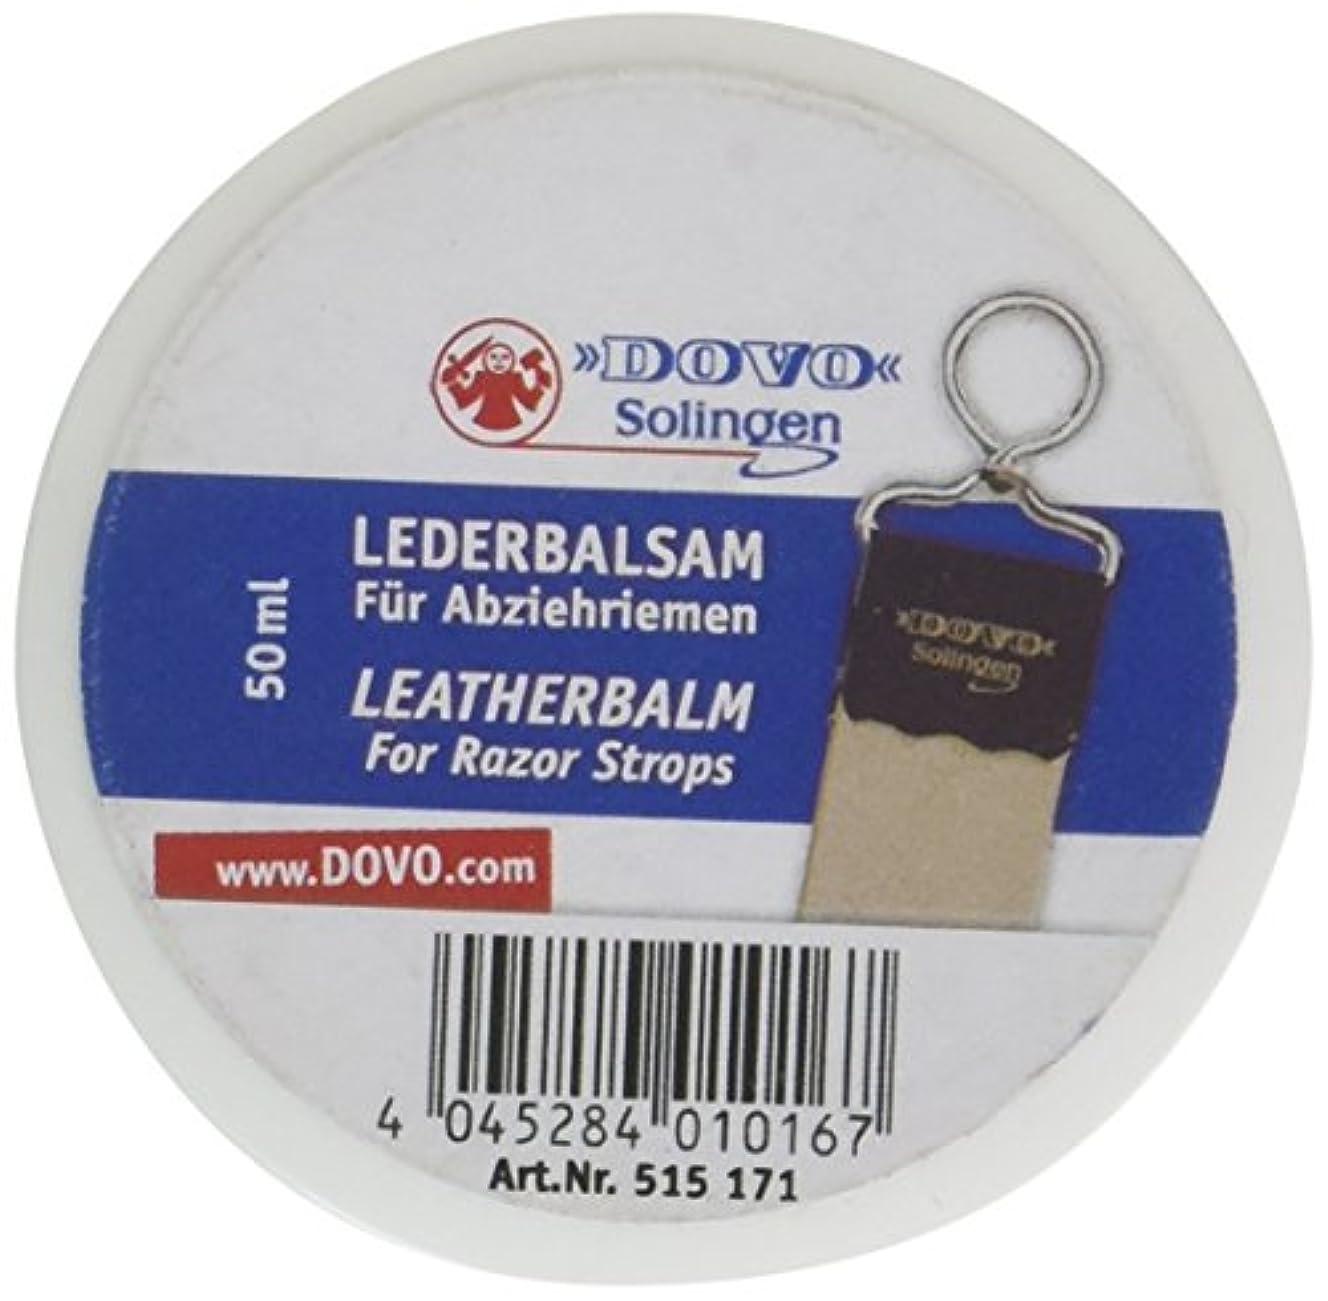 証明するコンデンサー胴体Leatherbalm